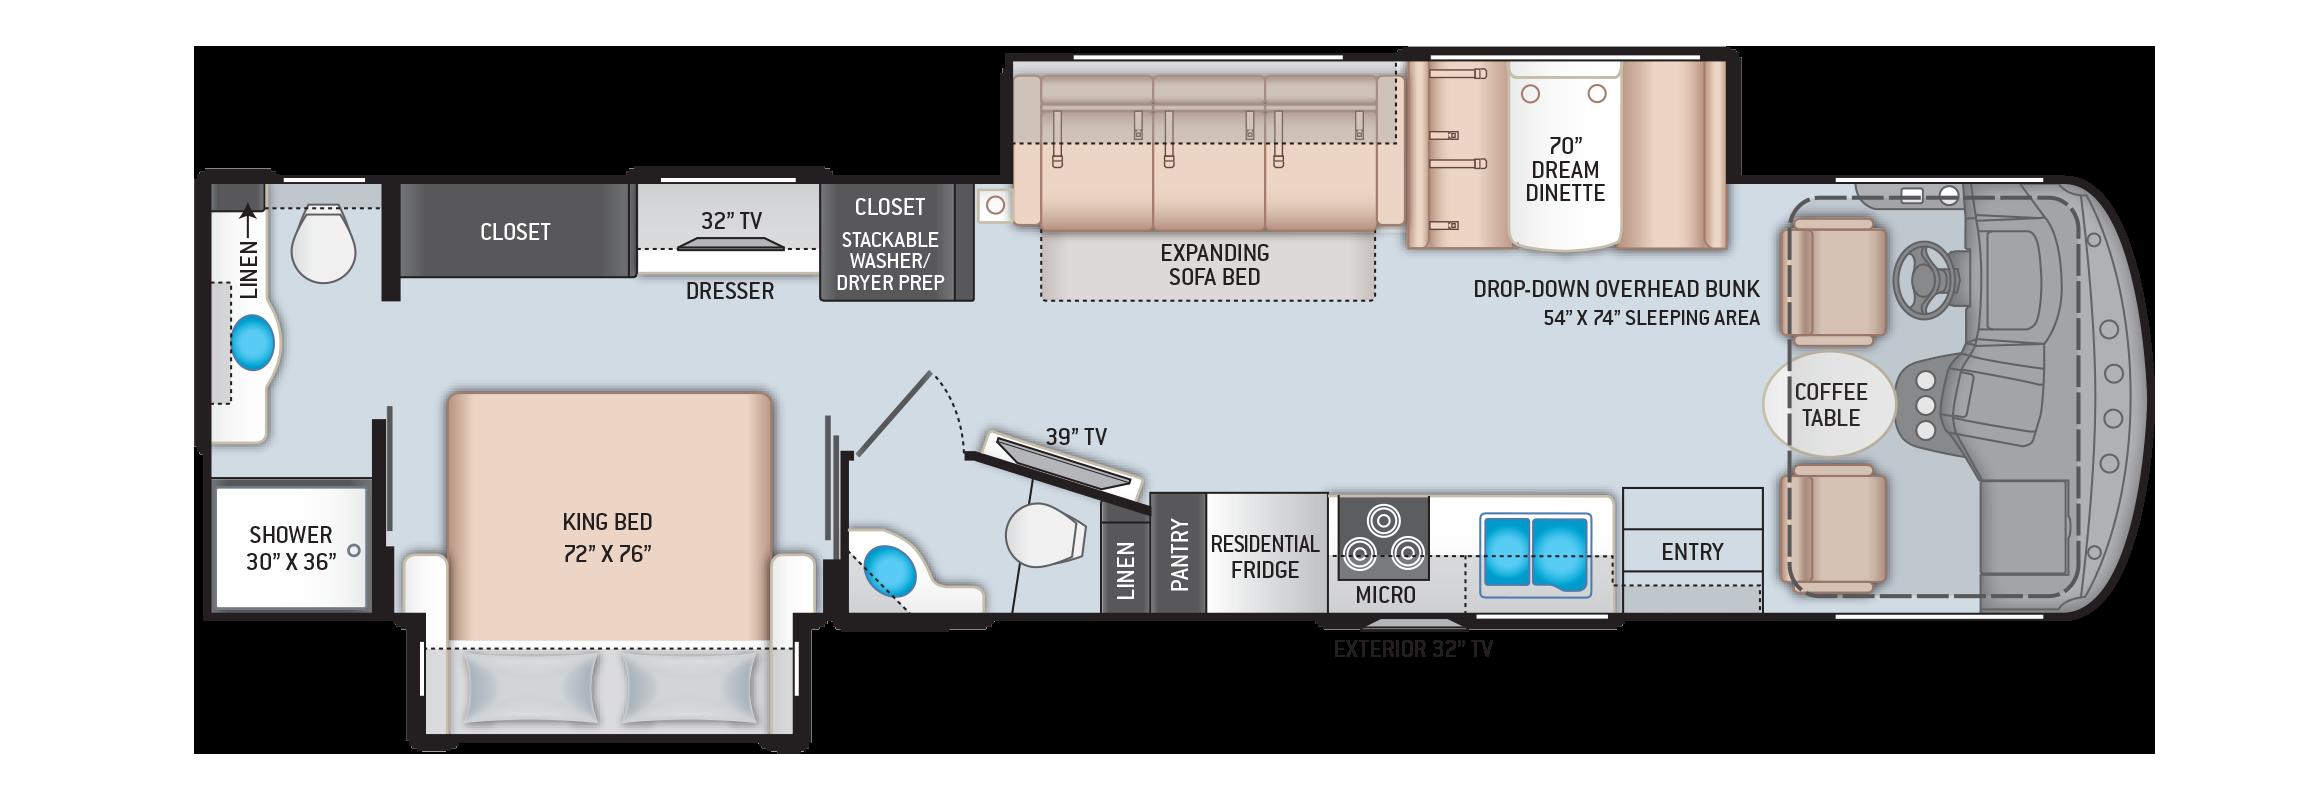 Hurricane Class A Motorhome Floor Plan 35M